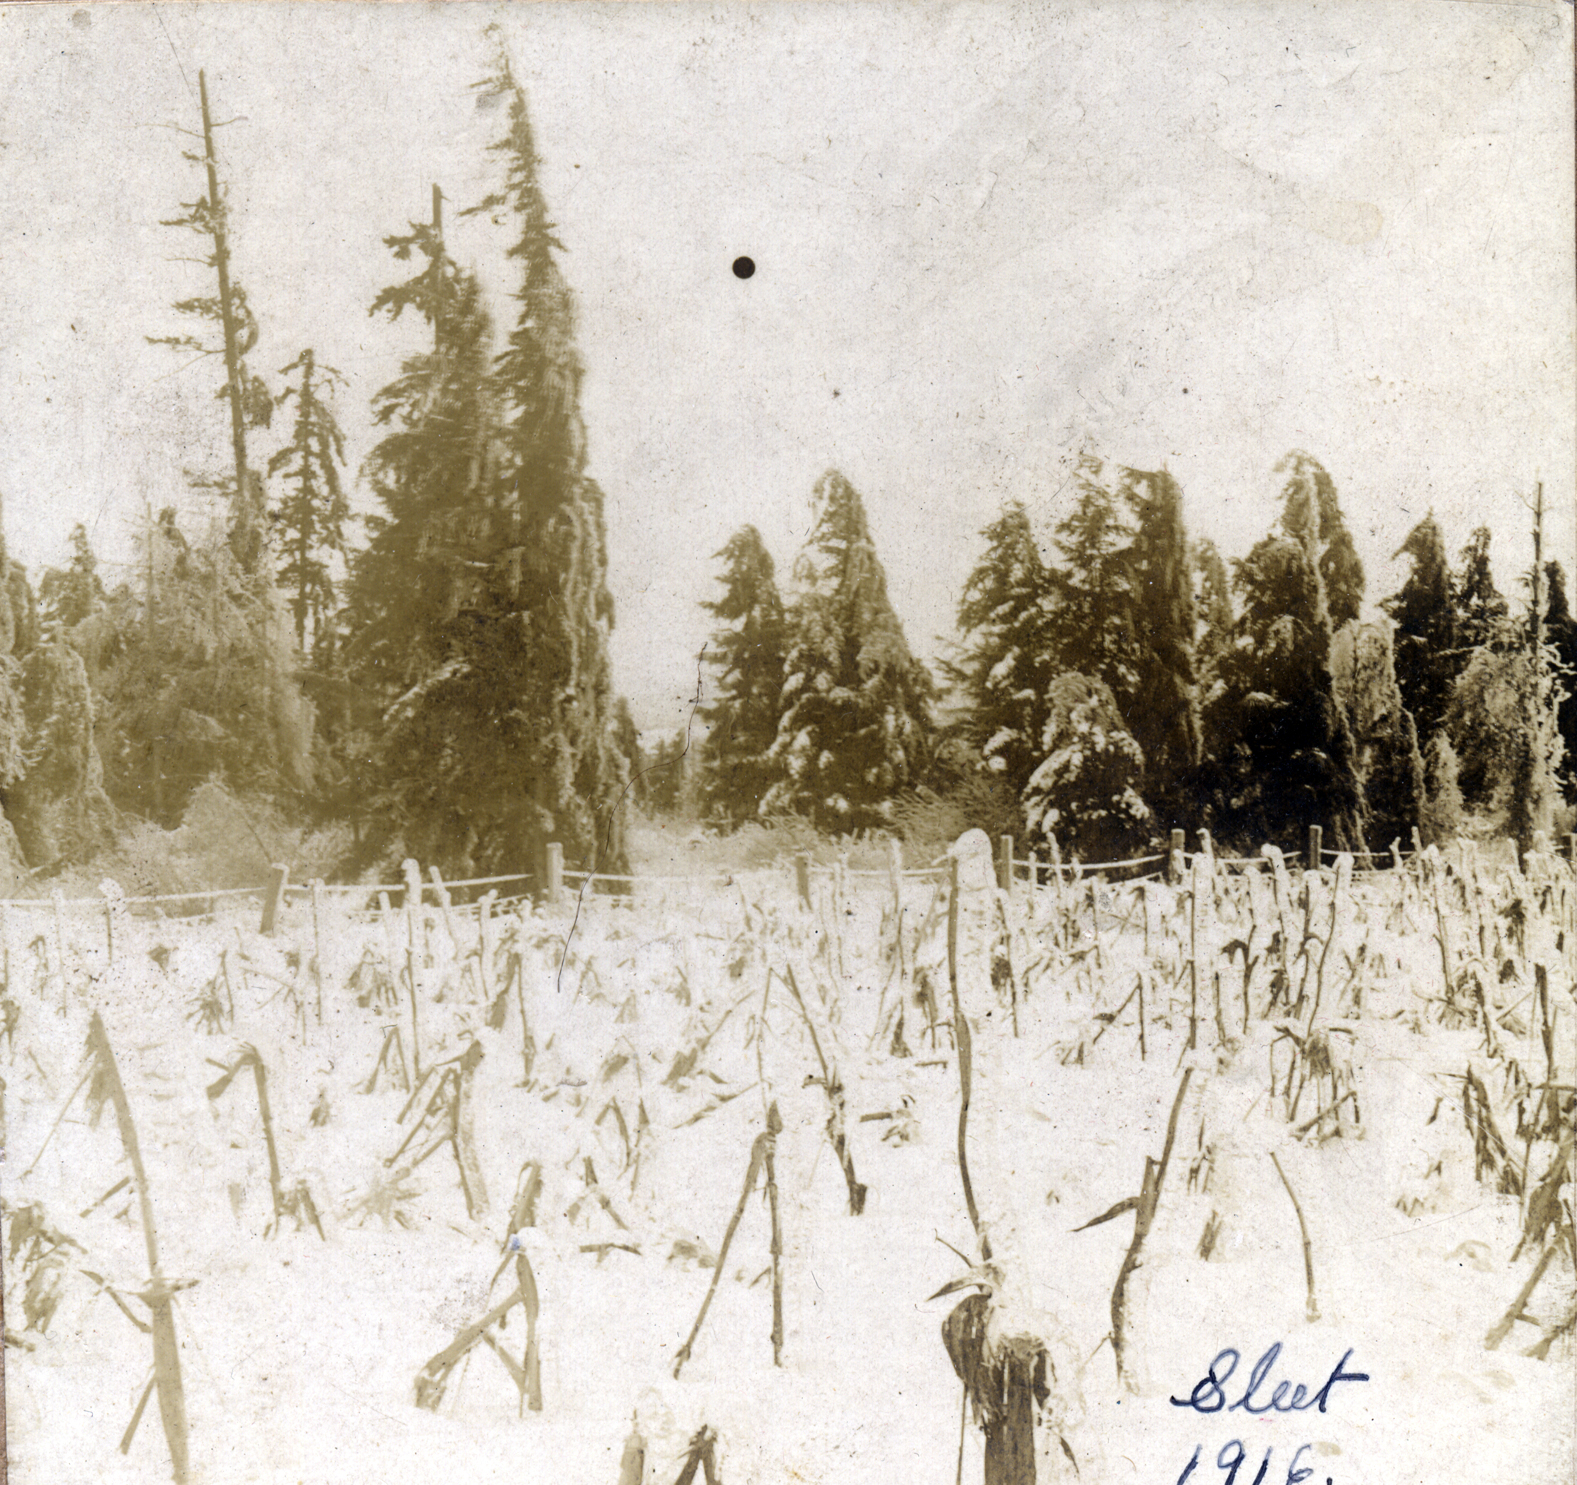 Ice storm, 1916.